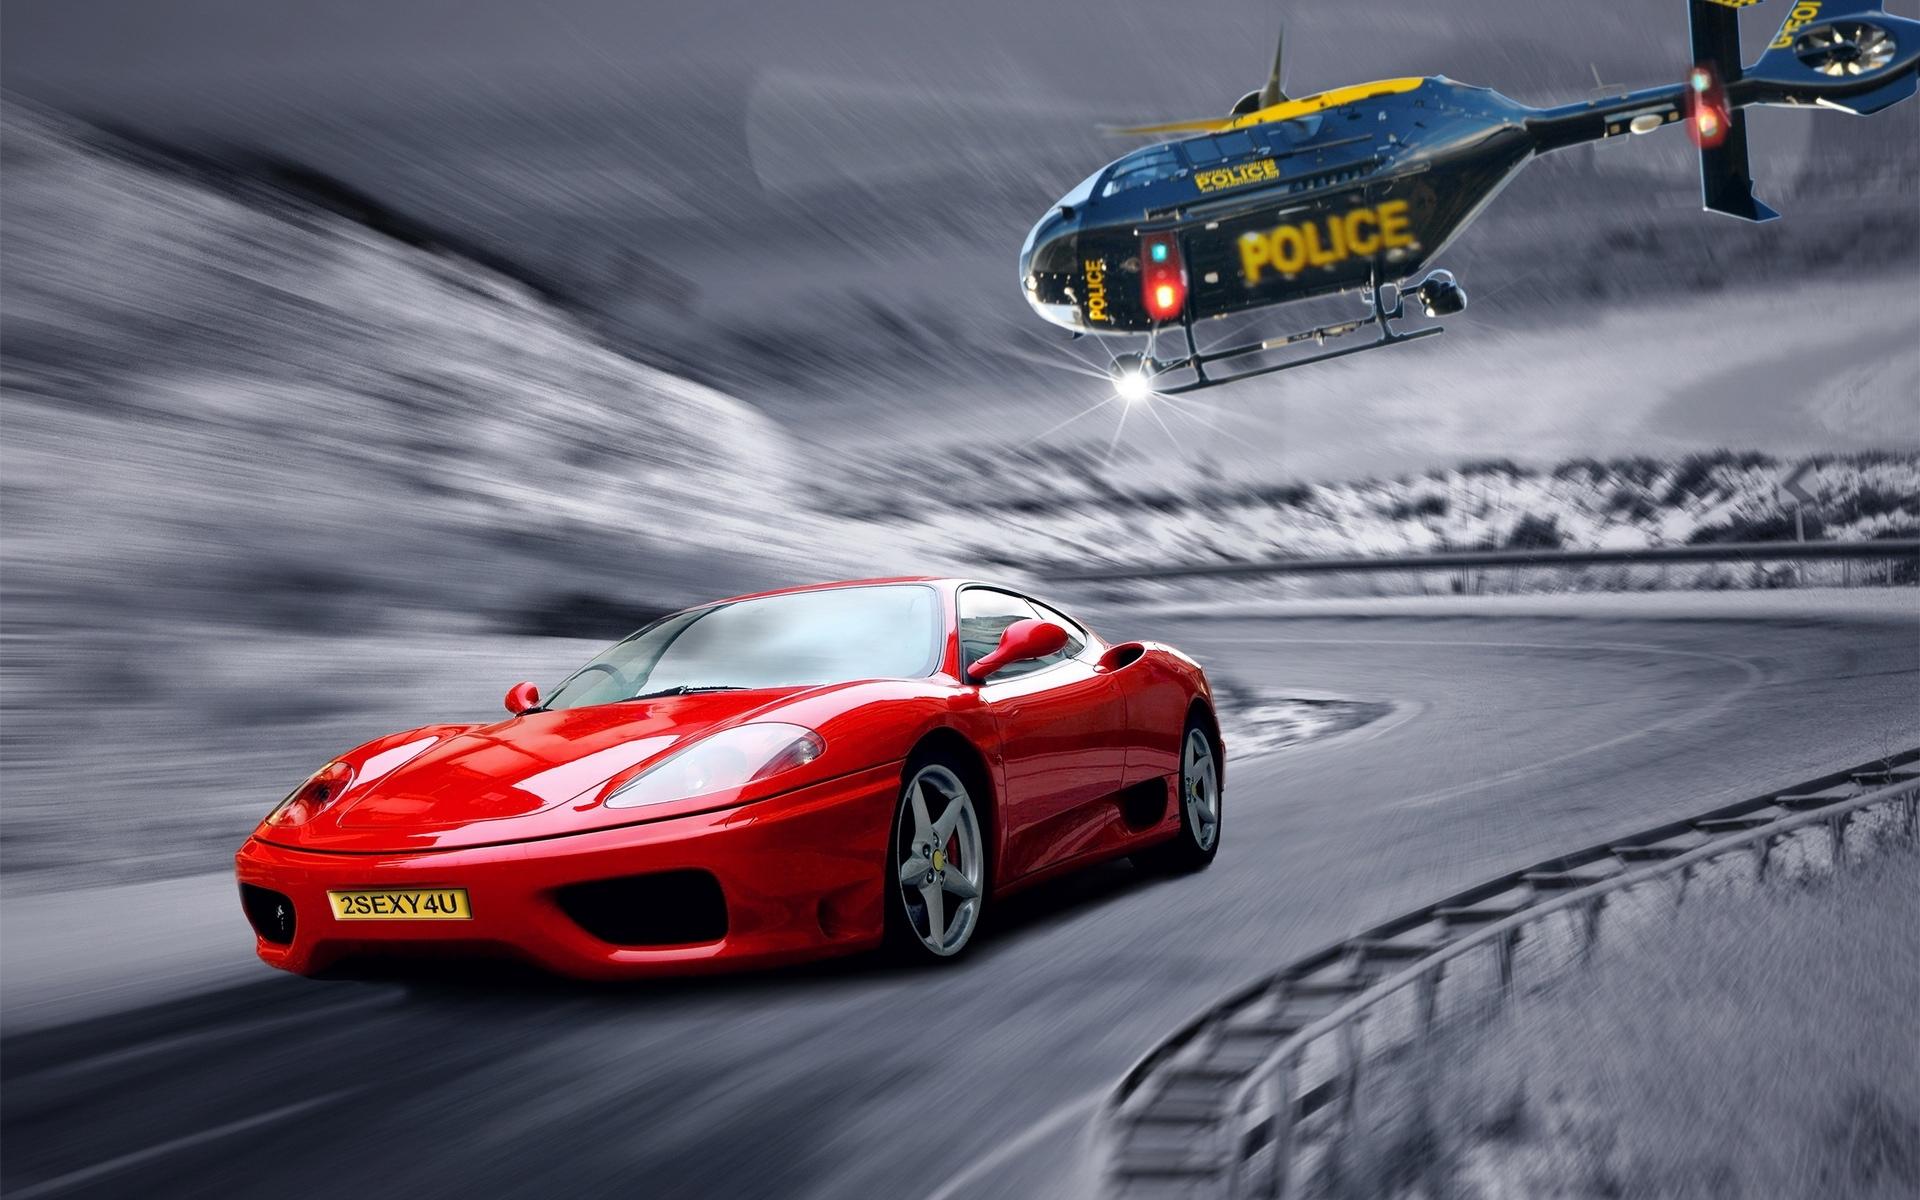 24056 скачать обои Транспорт, Машины, Дороги, Вертолеты - заставки и картинки бесплатно